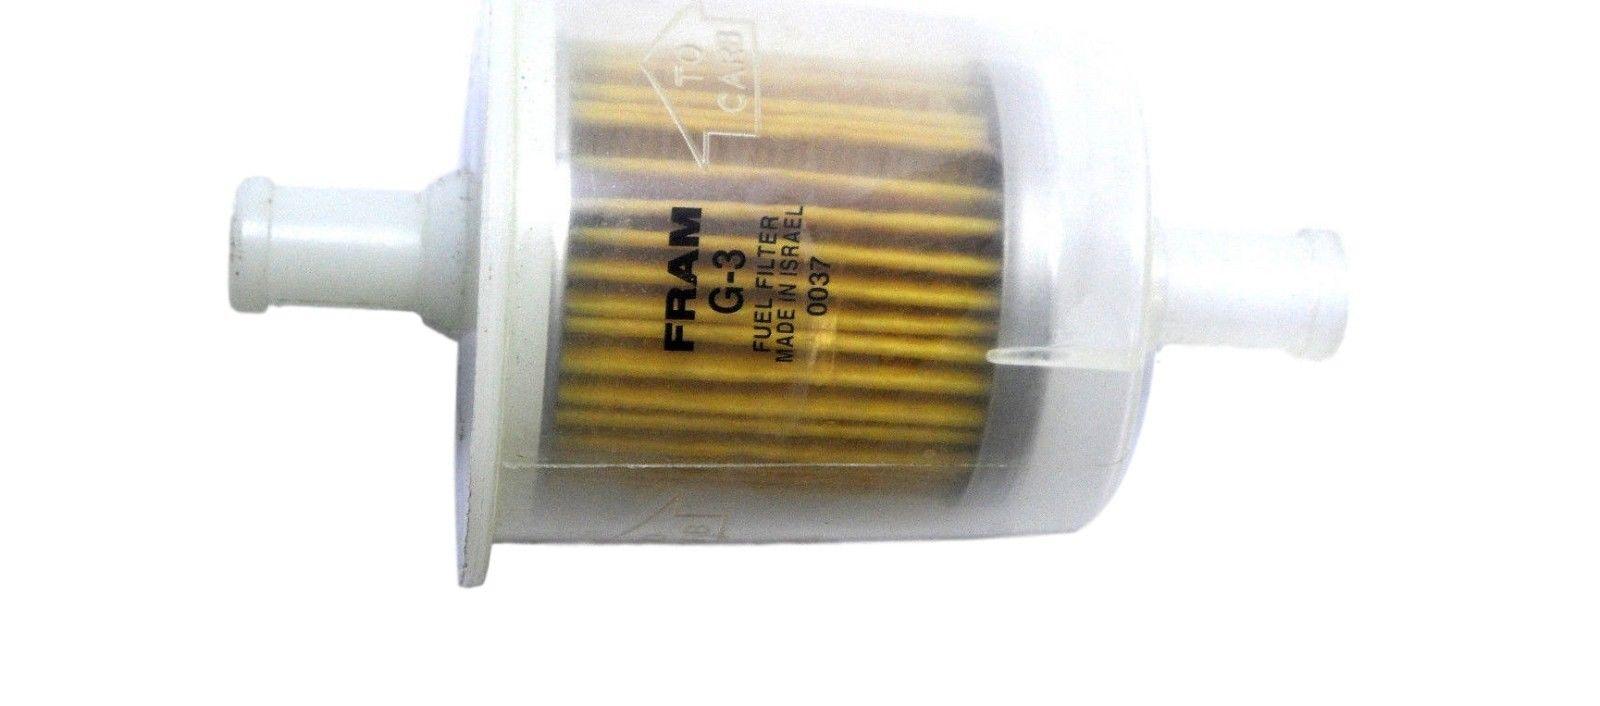 Responsive image. FRAM G3 G-3 Fuel Filter ...